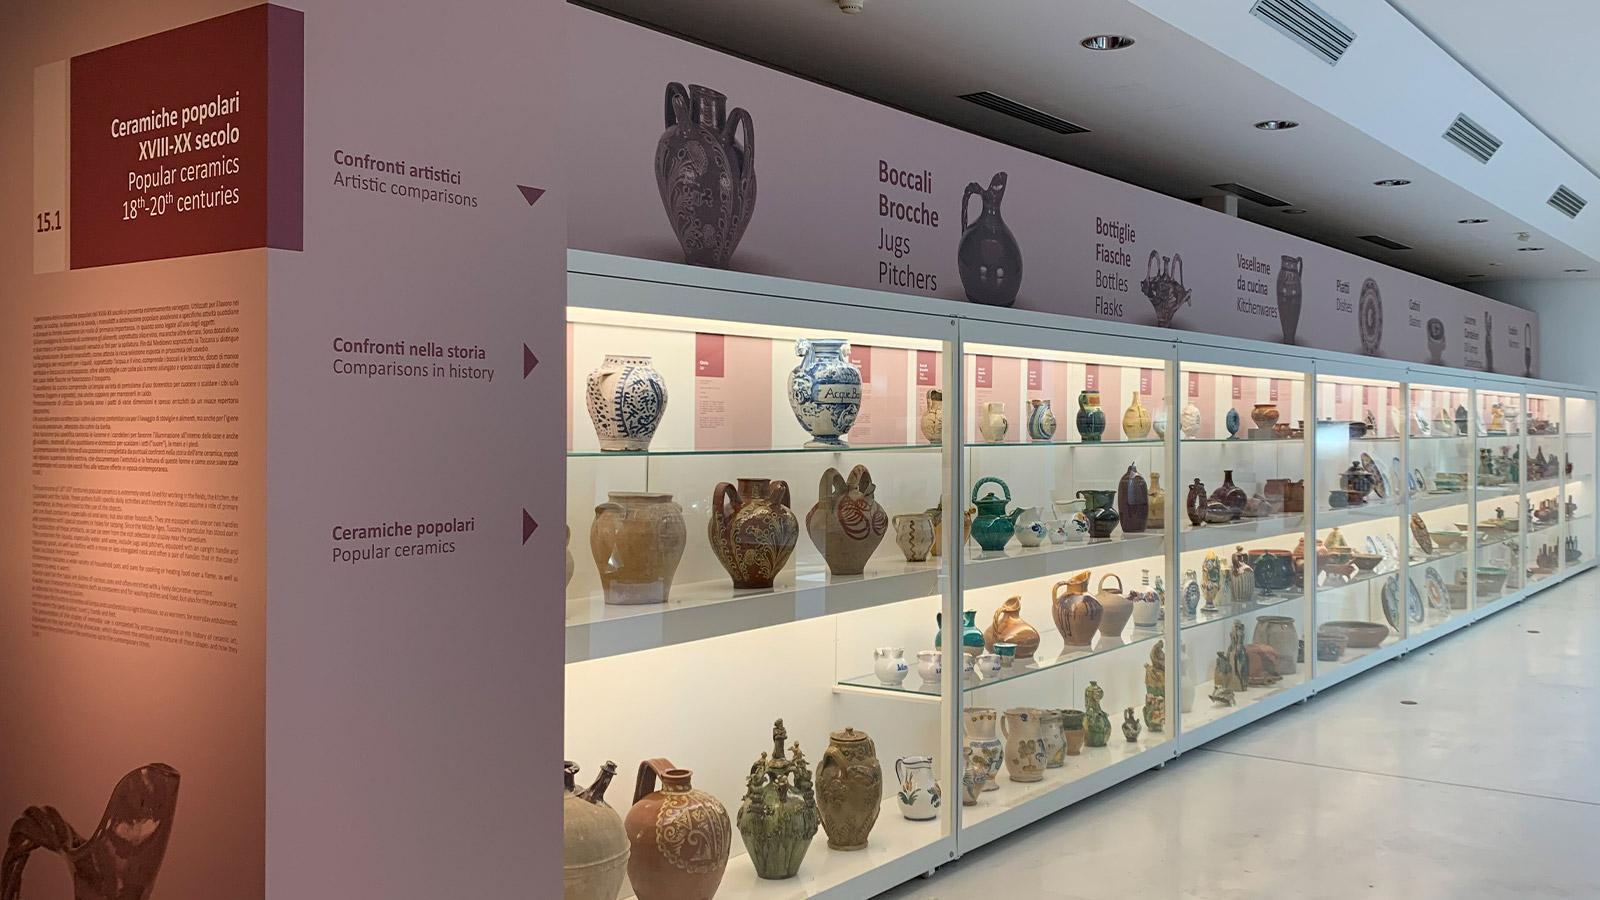 mic-faenza-allestimento-ceramiche-popolari